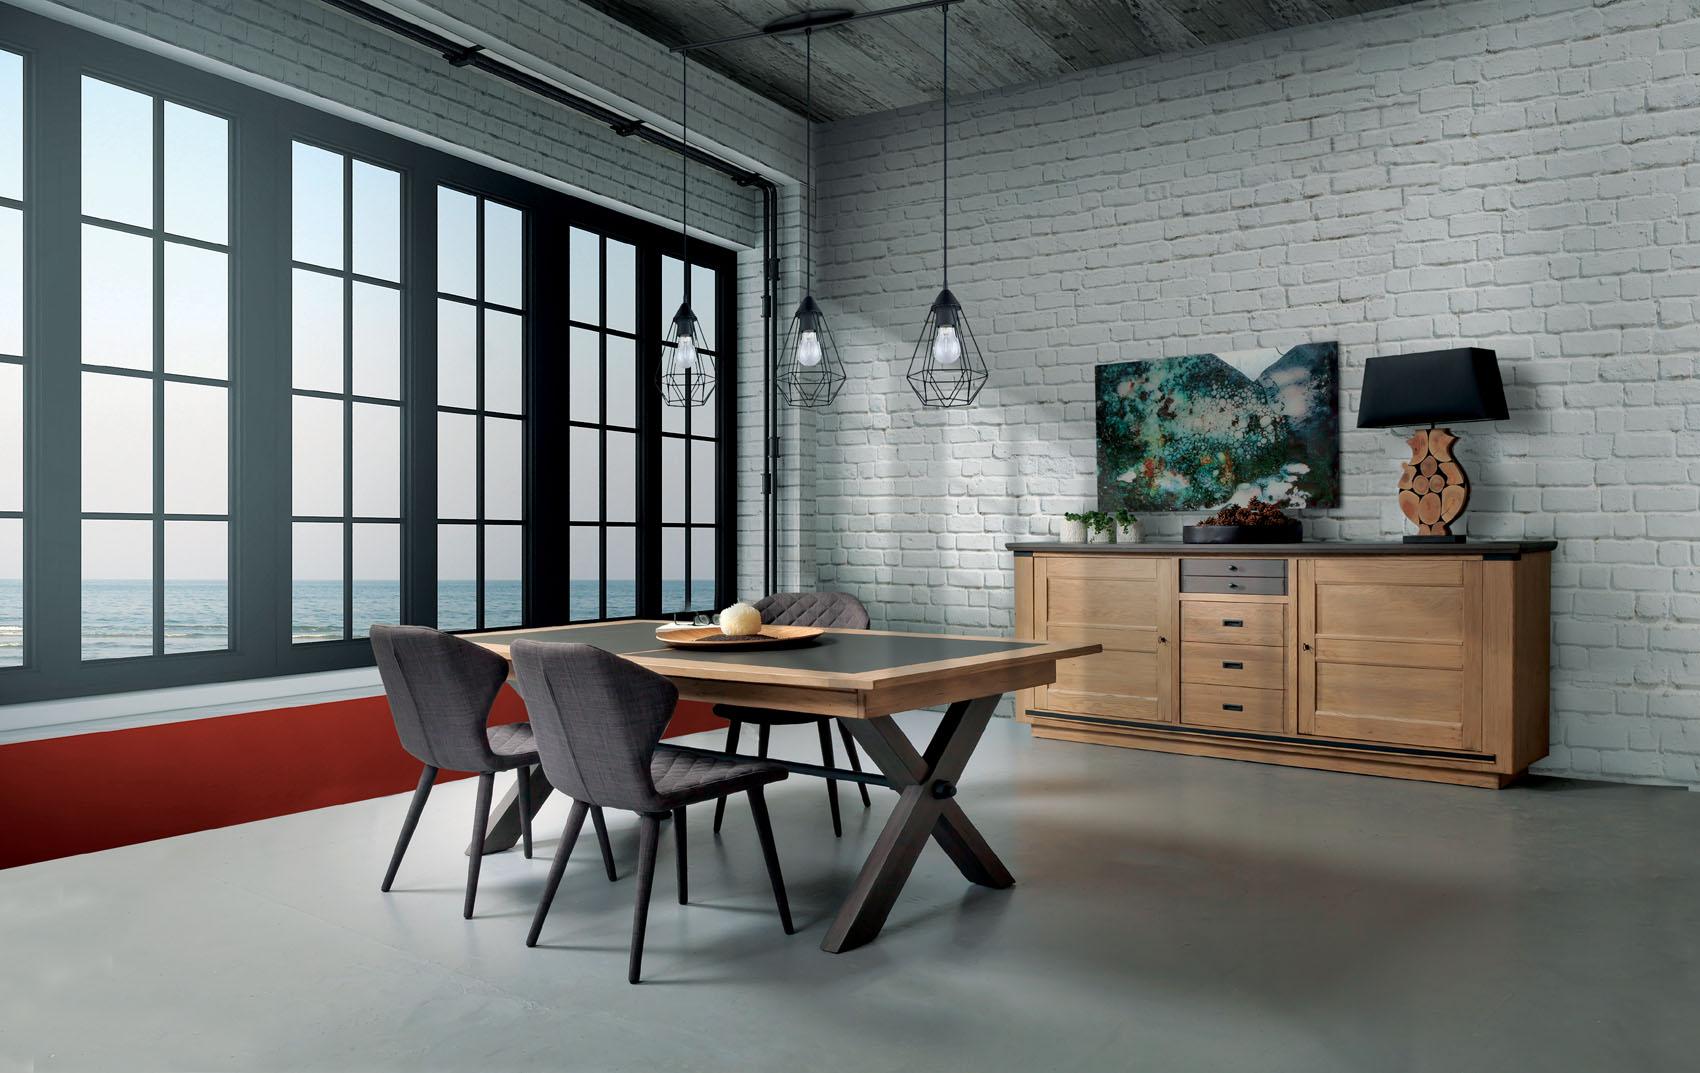 http www meubles gibaud fr shop salle a manger salle a manger magasin meubles gibaud salle a manger industrielle magellan pieds metal